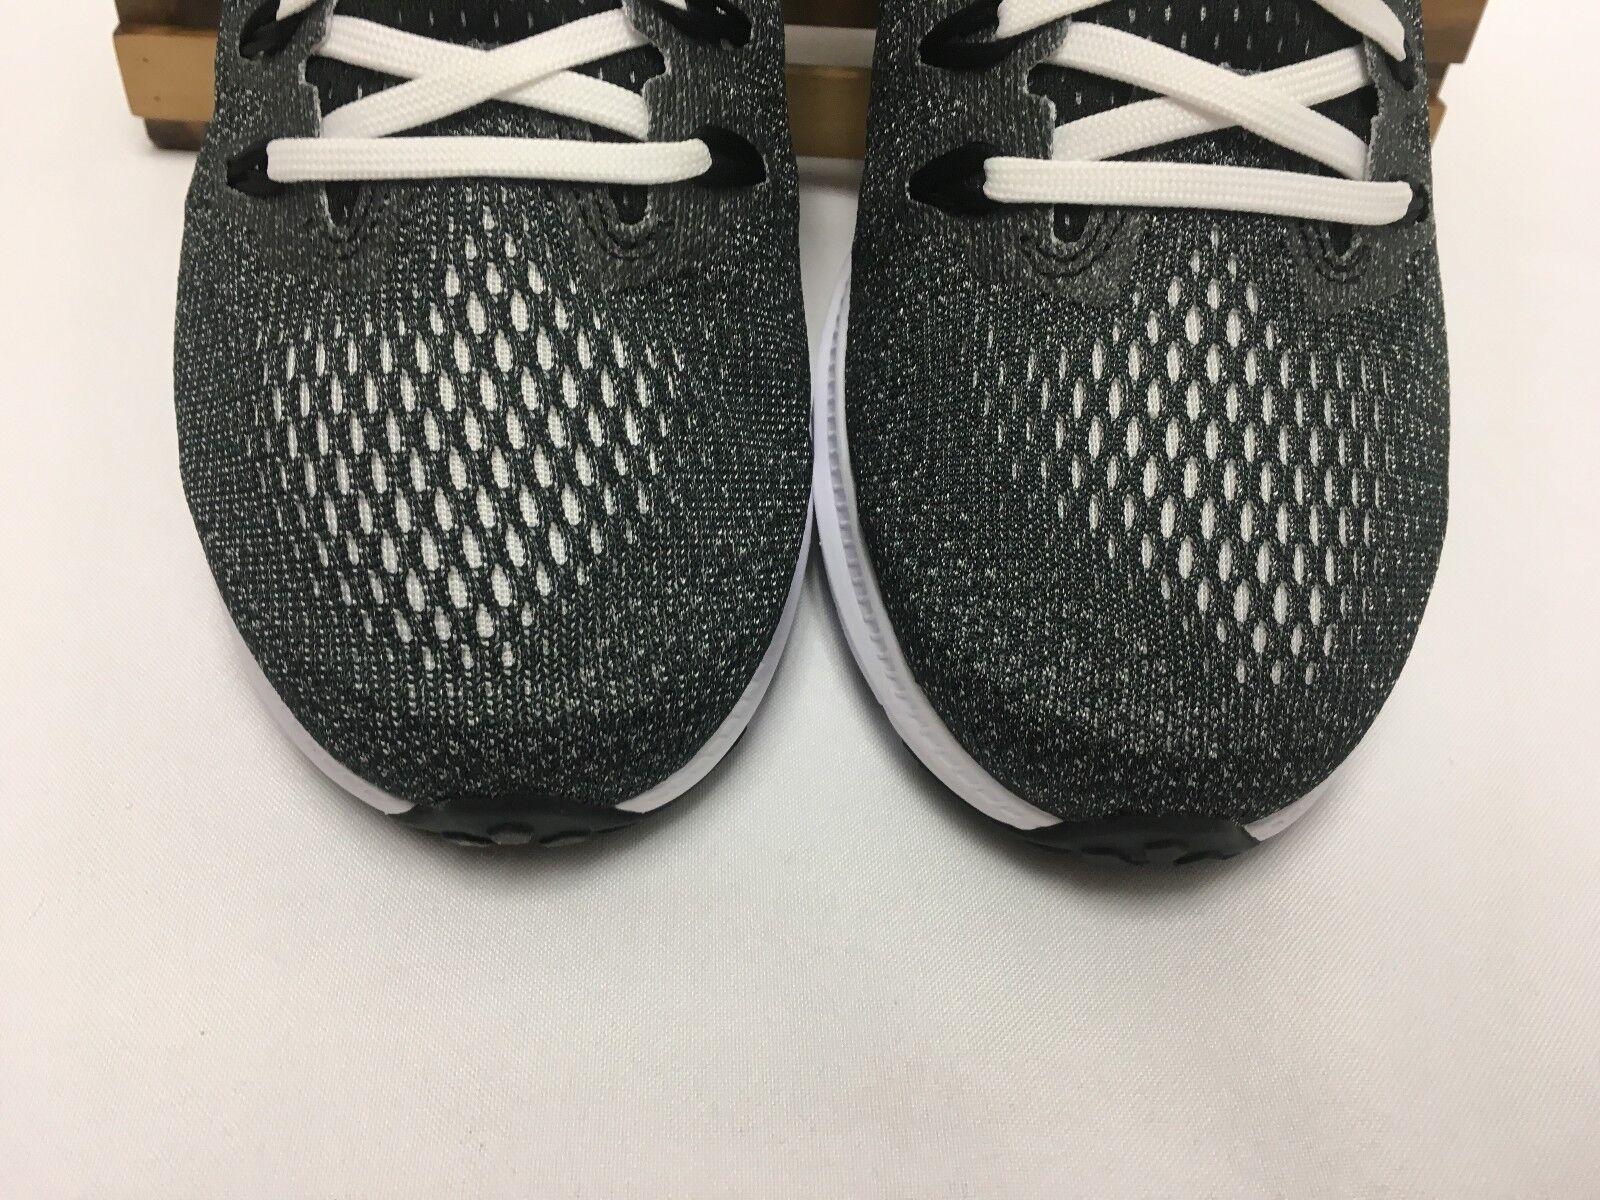 Nike zoom tutti bassi scarpe bianco nero 889123-001 uomini 8 o o 8 8,5 nuove dimensioni 56a398